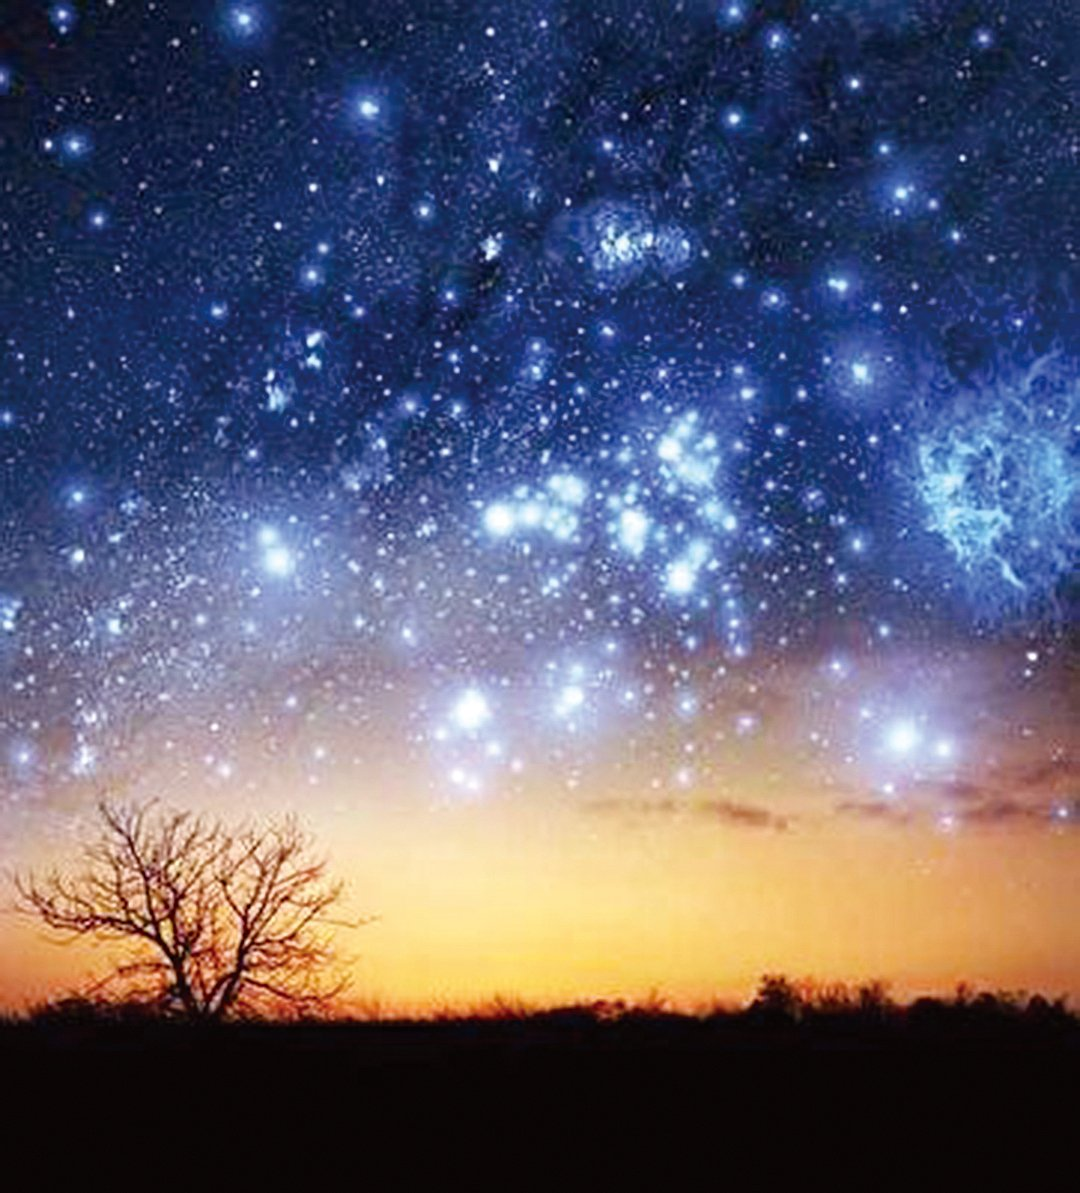 夜晚,他露宿在野外,看著漫天的星斗,想起龐大的日月星辰的運轉,還有甚麼放不下的呢?(fotolia)